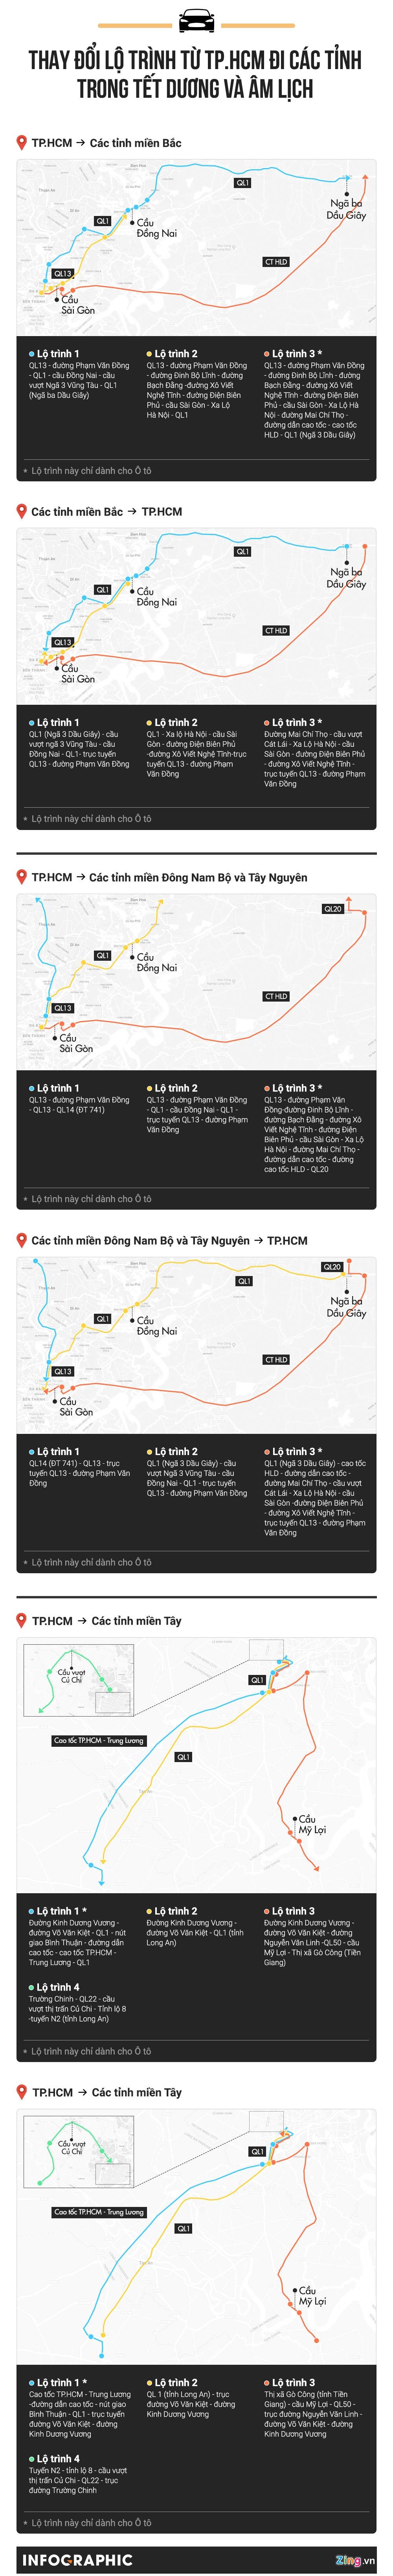 Thay đổi lộ trình từ TP.HCM đi các tỉnh trong Tết Dương và Âm lịch